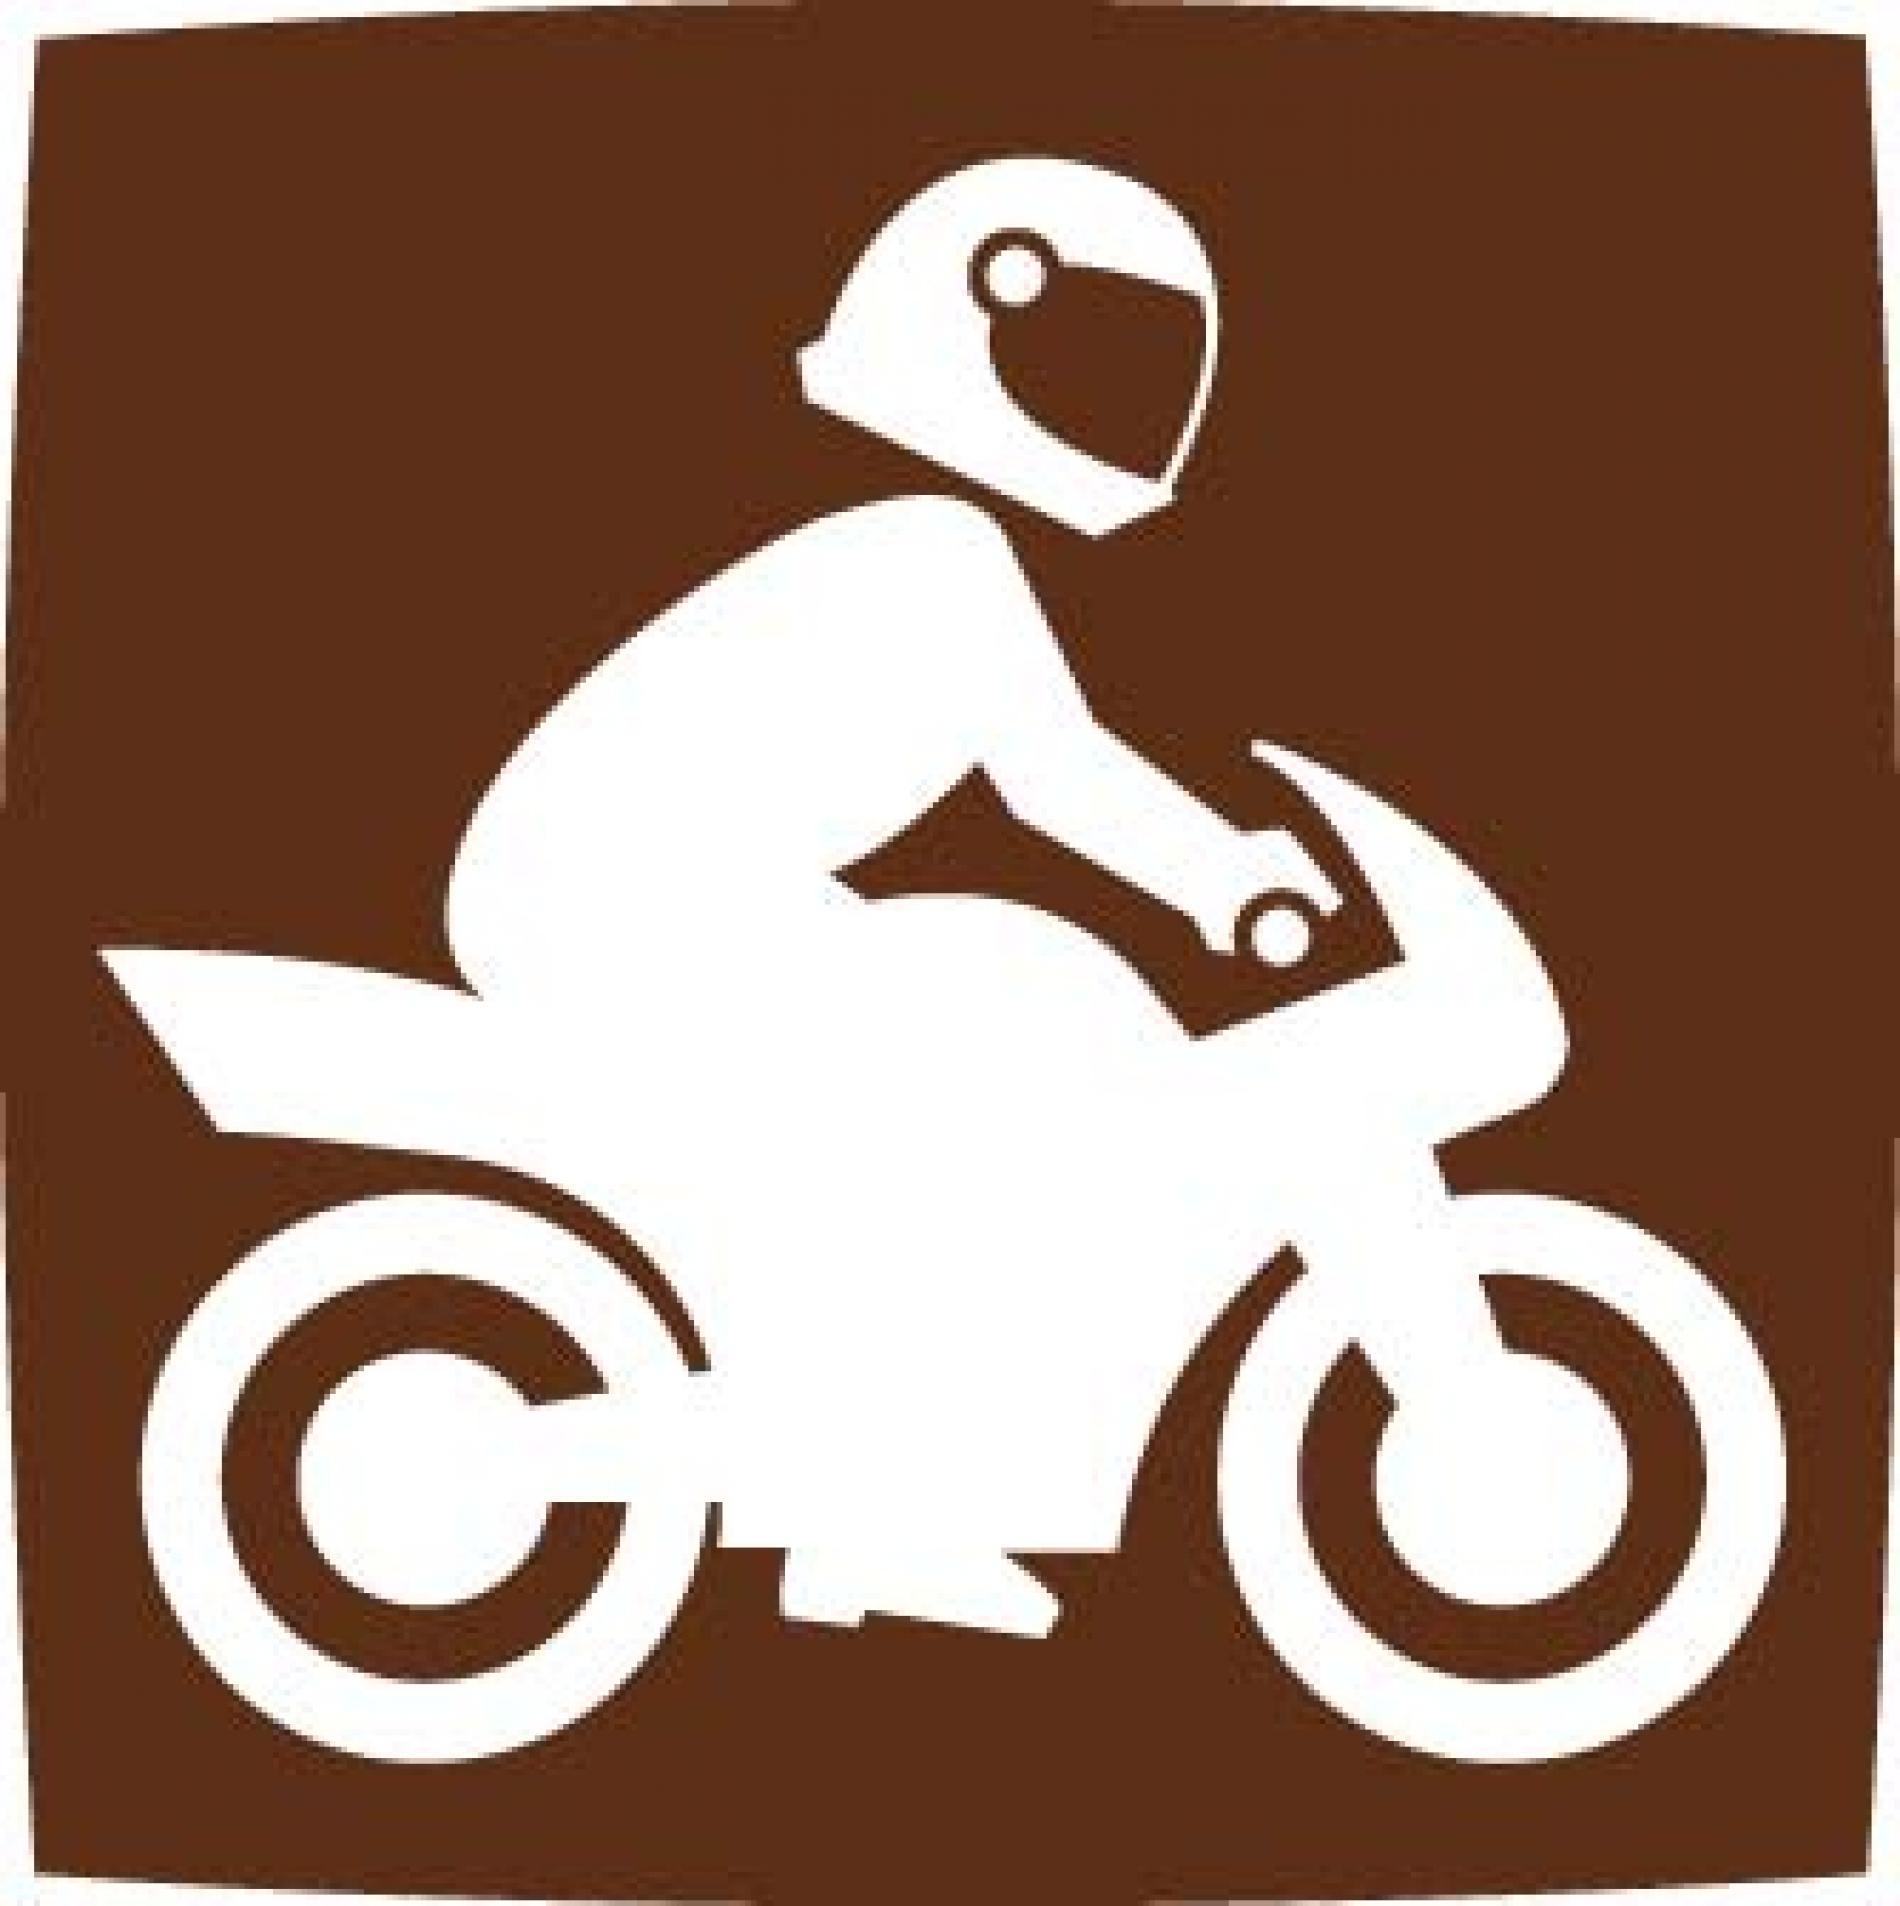 Notre Référencement logis pour accueillir les motards